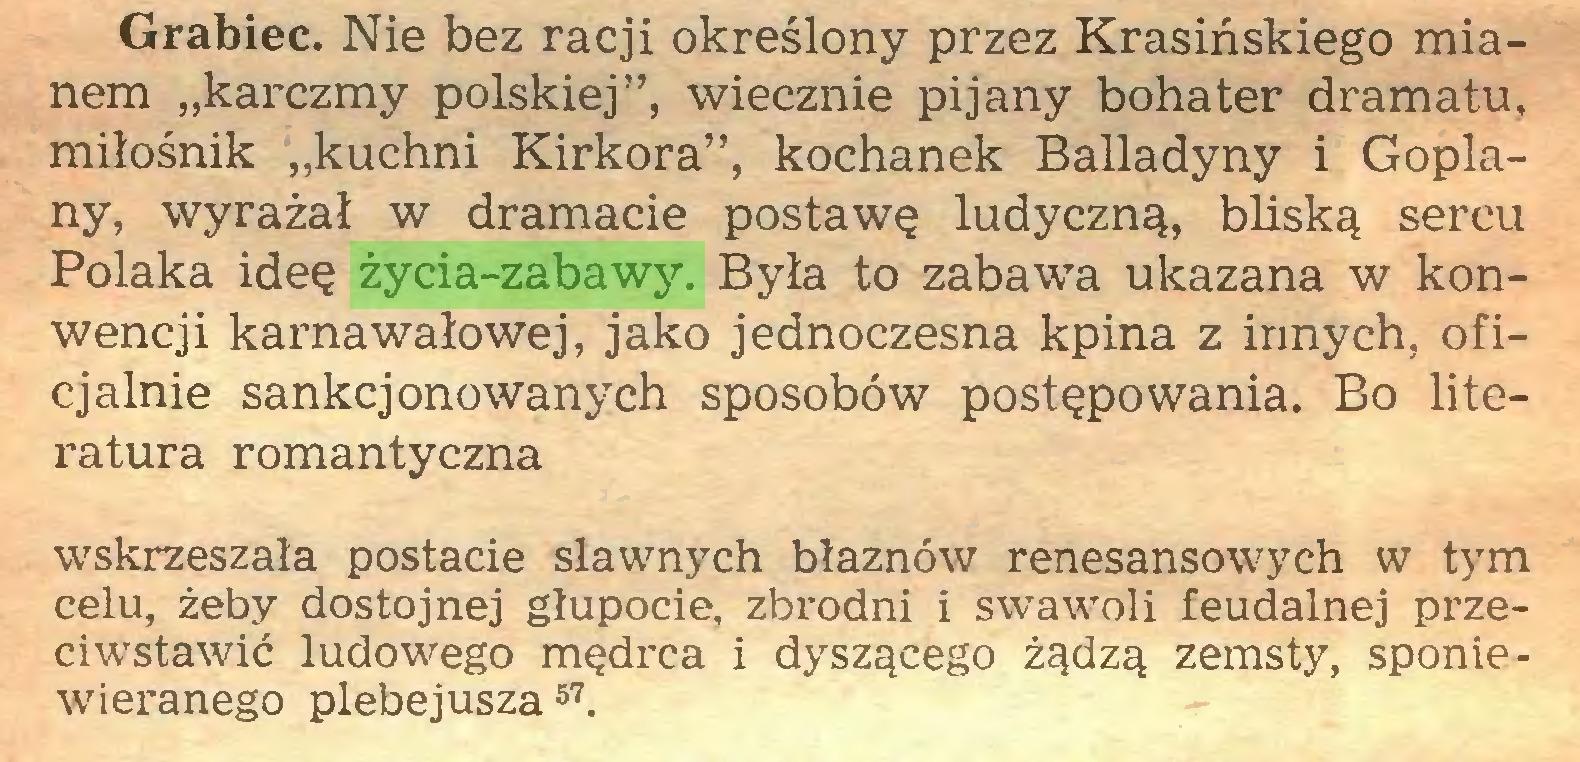 """(...) Grabiec. Nie bez racji określony przez Krasińskiego mianem """"karczmy polskiej"""", wiecznie pijany bohater dramatu, miłośnik """"kuchni Kirkora"""", kochanek Balladyny i Goplany» wyrażał w dramacie postawę ludyczną, bliską sercu Polaka ideę życia-zabawy. Była to zabawa ukazana w konwencji karnawałowej, jako jednoczesna kpina z innych, oficjalnie sankcjonowanych sposobów postępowania. Bo literatura romantyczna wskrzeszała postacie sławnych błaznów renesansowych w tym celu, żeby dostojnej głupocie, zbrodni i swawoli feudalnej przeciwstawić ludowego mędrca i dyszącego żądzą zemsty, sponiewieranego plebejusza57..."""